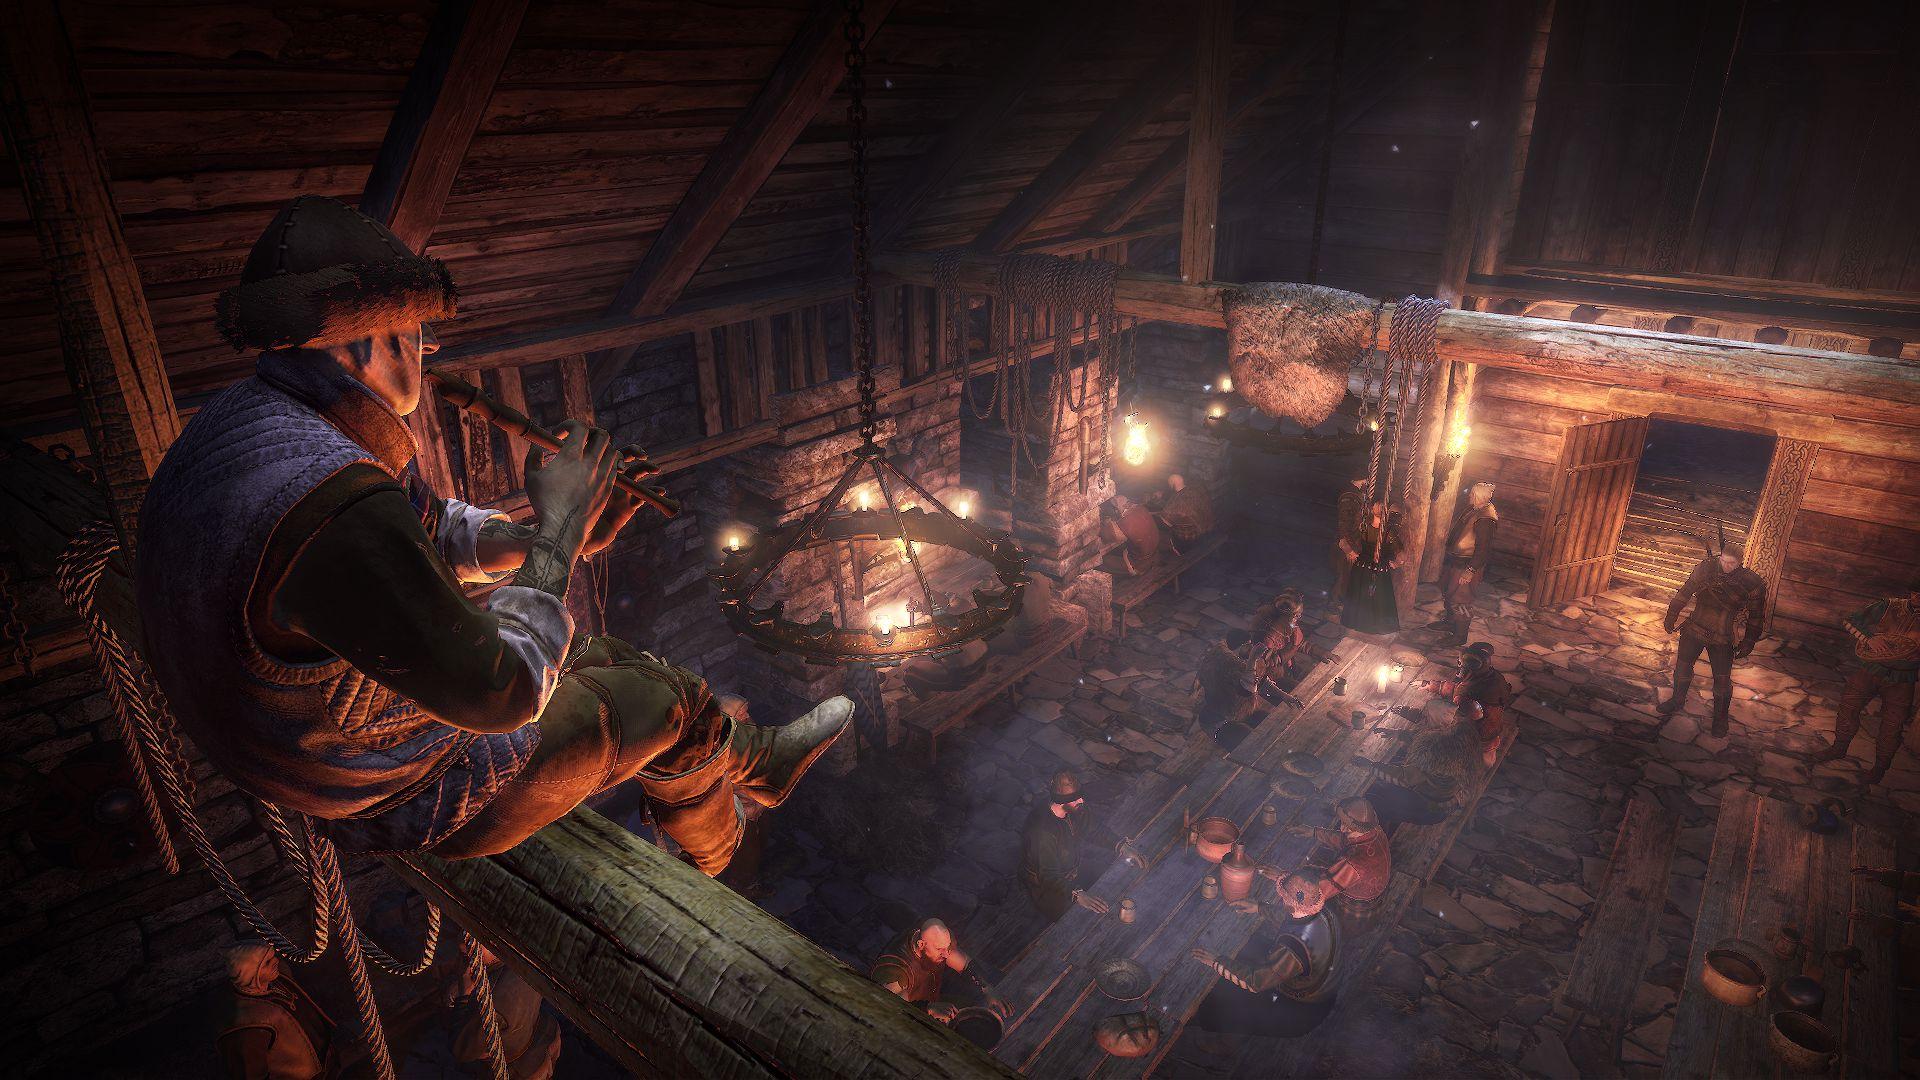 6291_the_witcher_3_wild_hunt_skellige_tavern